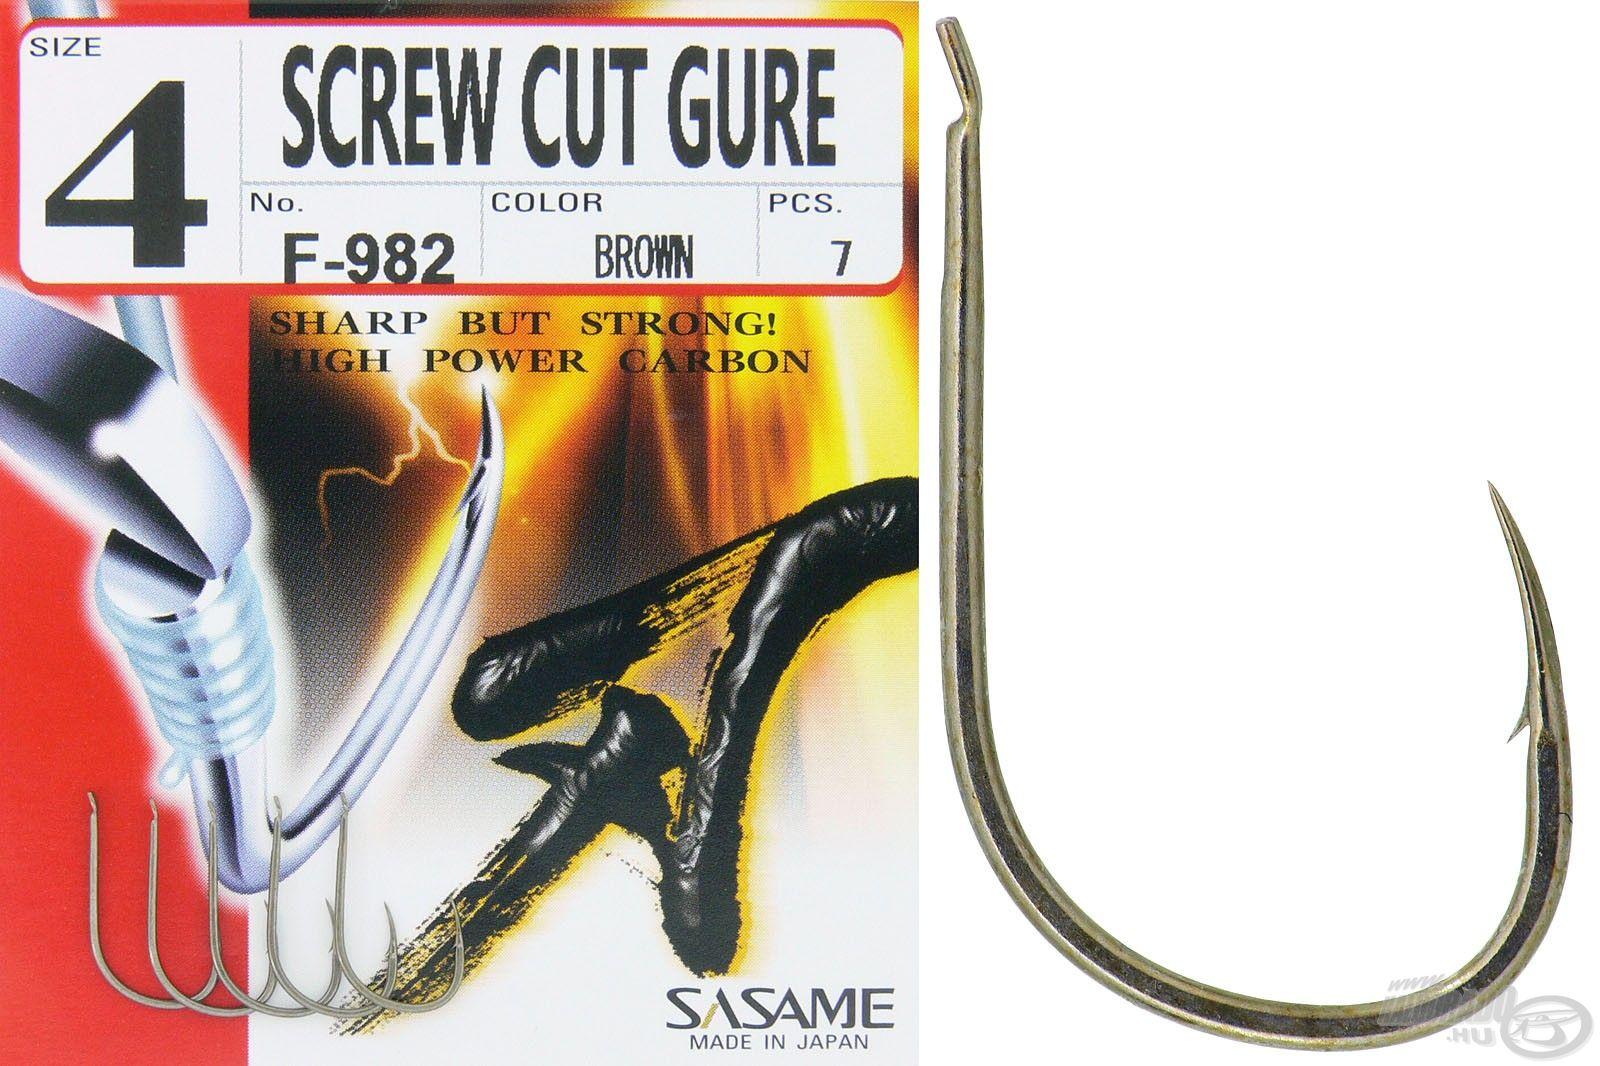 A Screw Cut Gure kerek öblű, könnyű horog, amely a feederbotos horgászok számára lehet jó választás. Ideális a Soft Pelletes method horgászathoz!